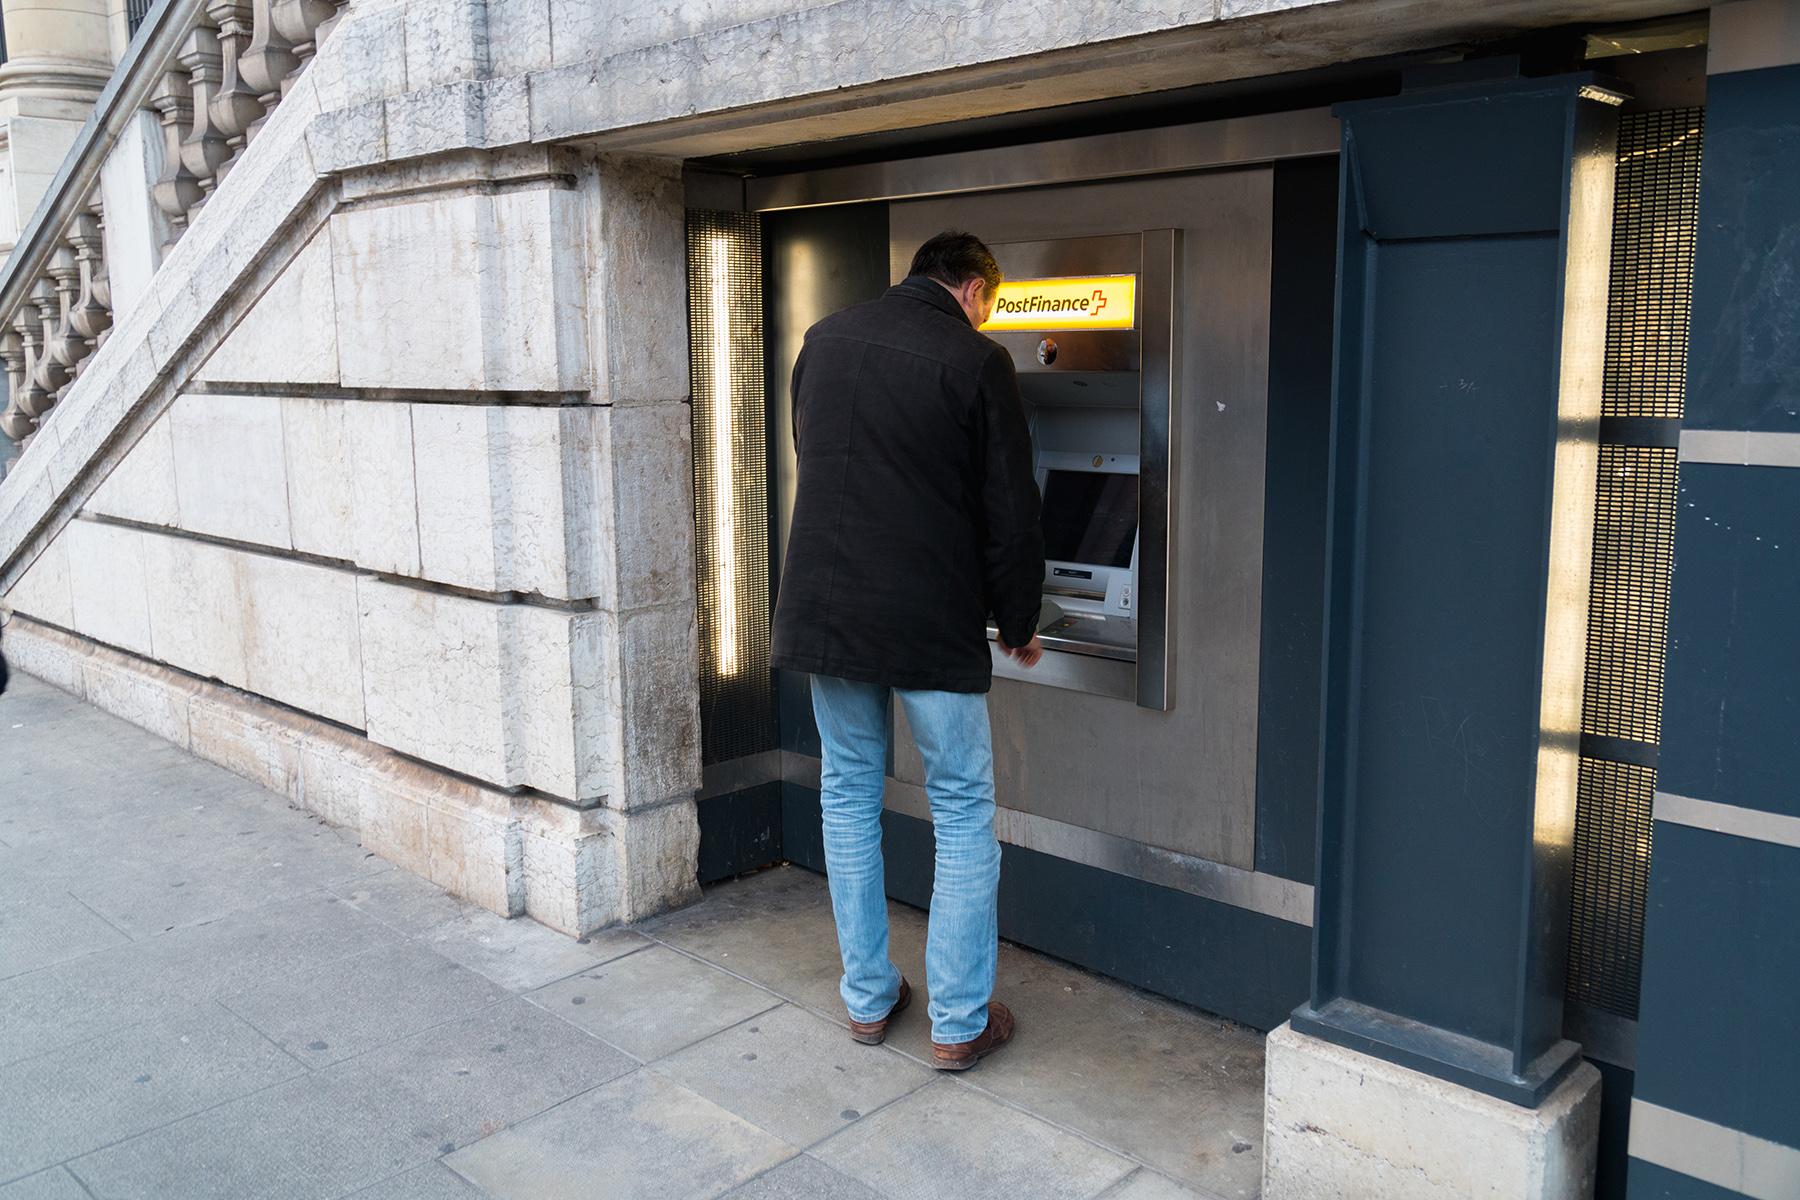 Swiss bank ATM in Geneva